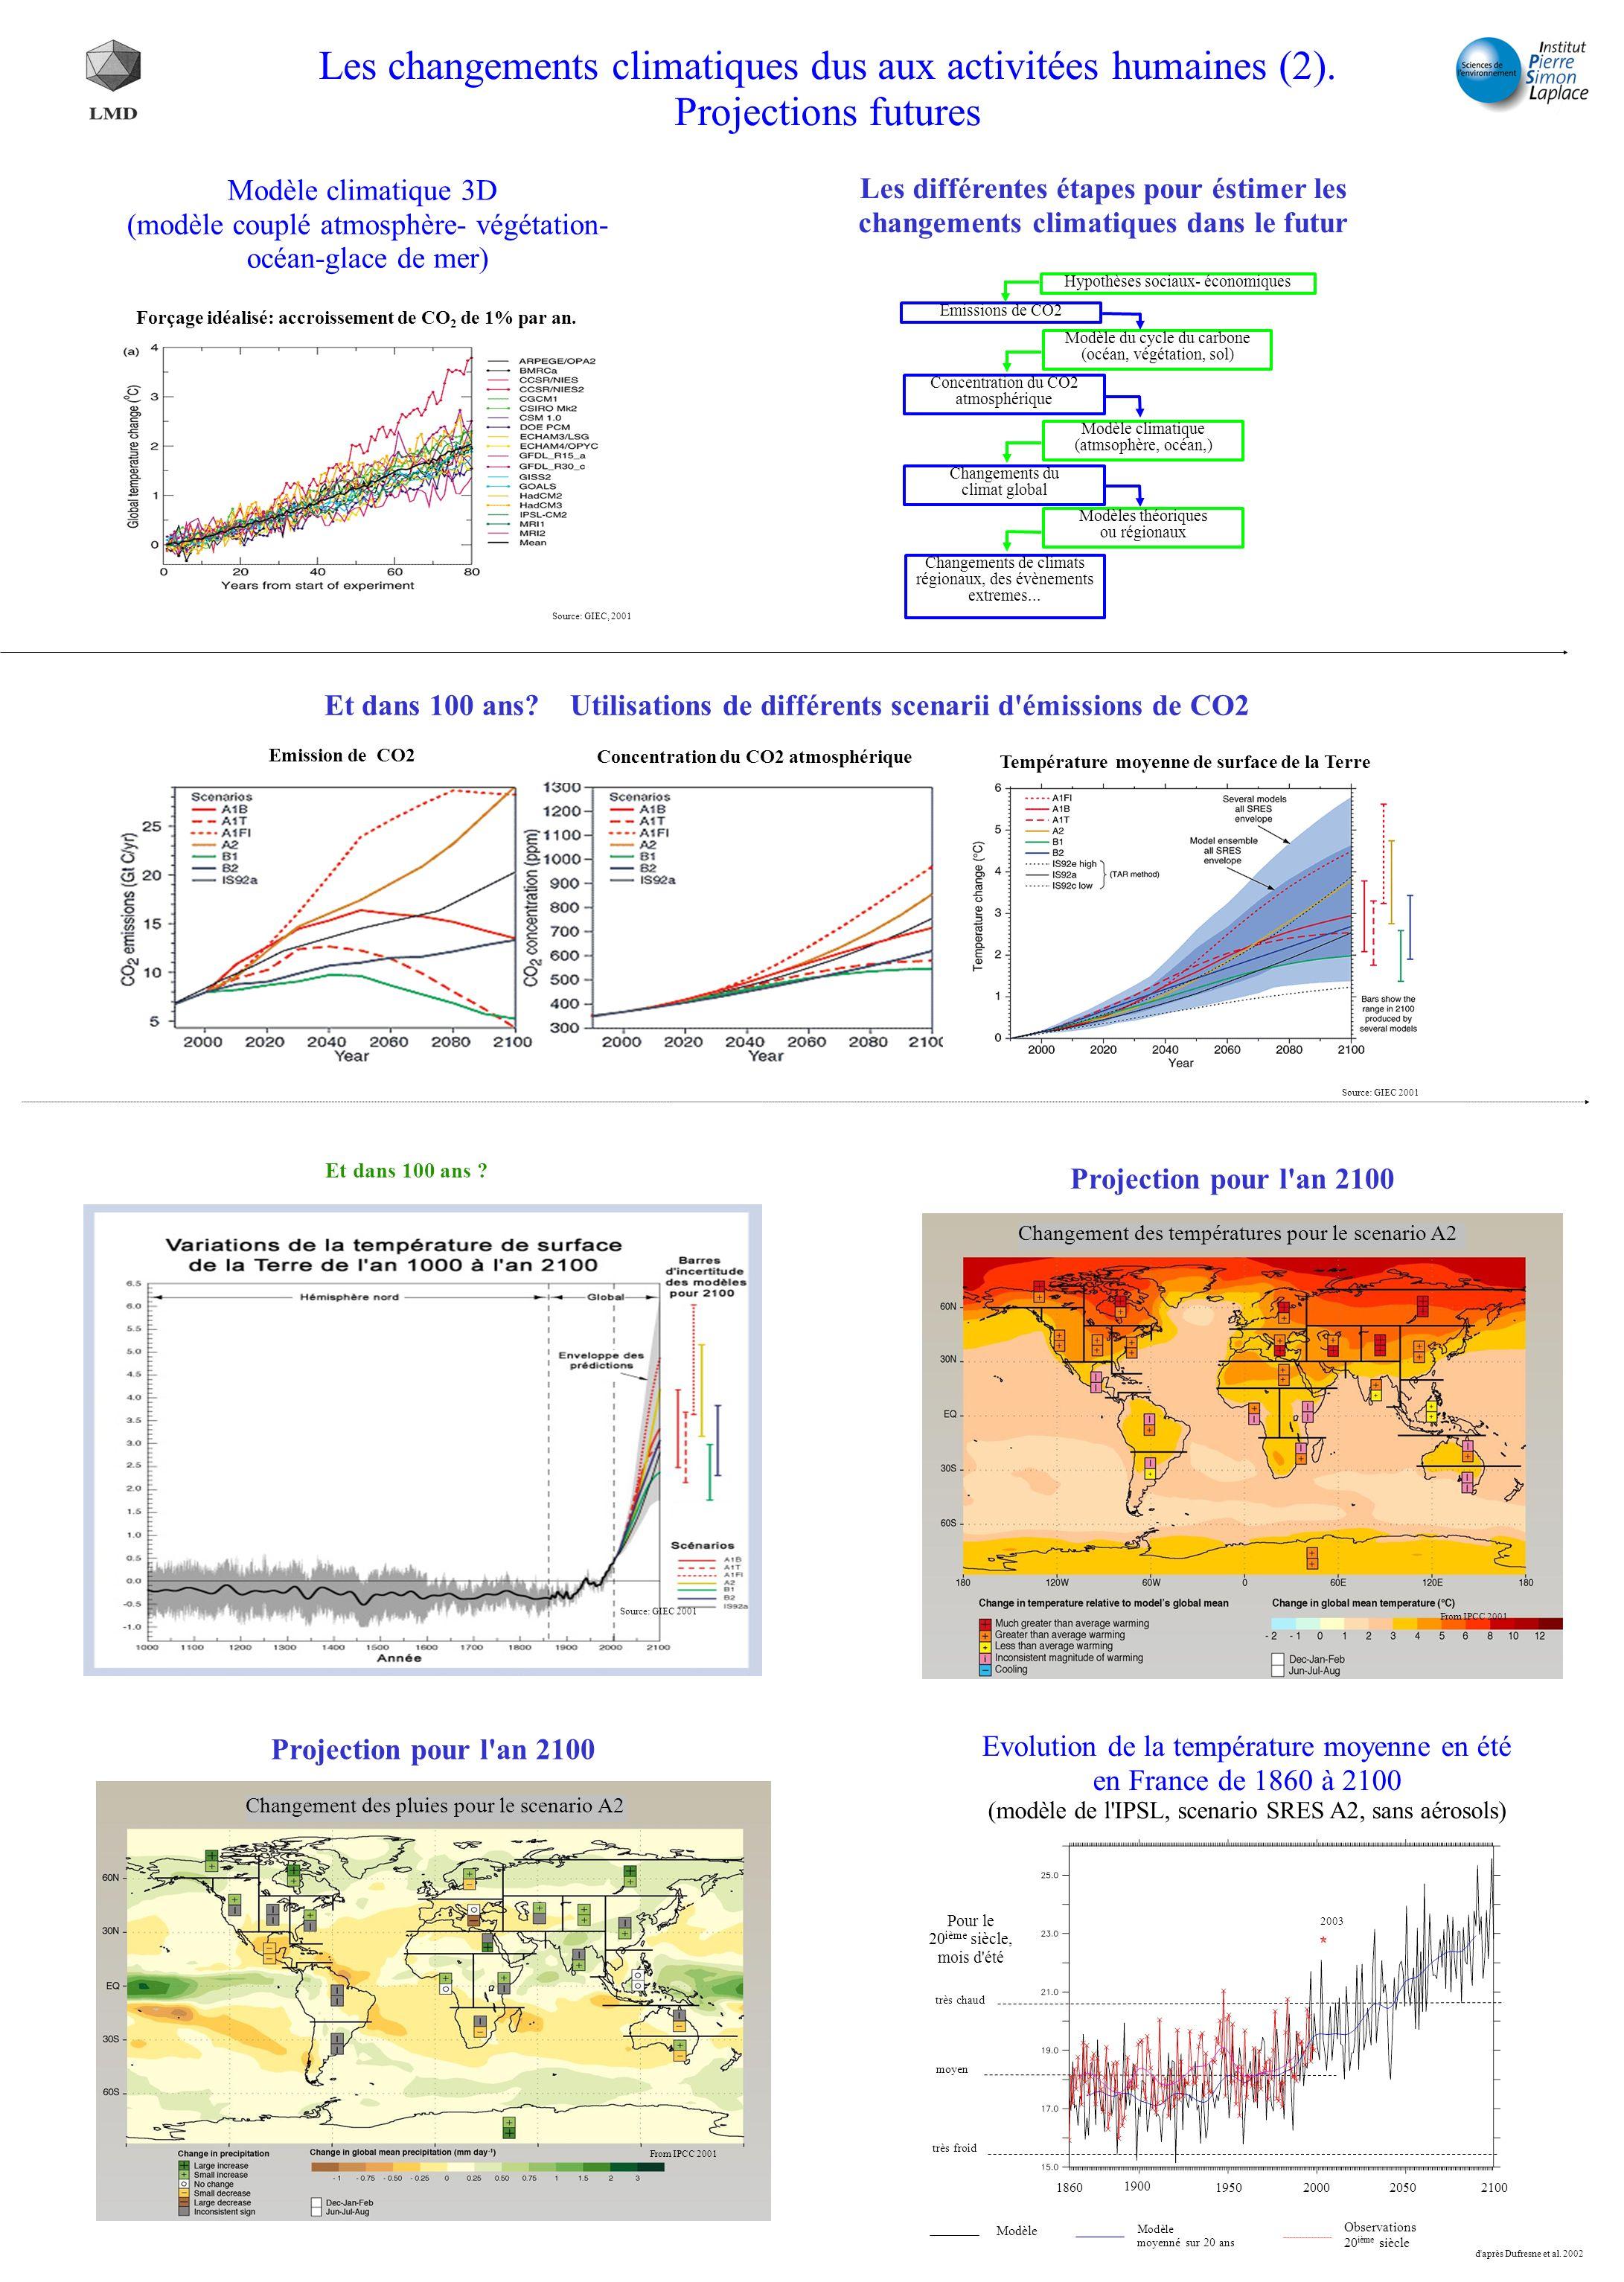 Les changements climatiques dus aux activitées humaines (2).